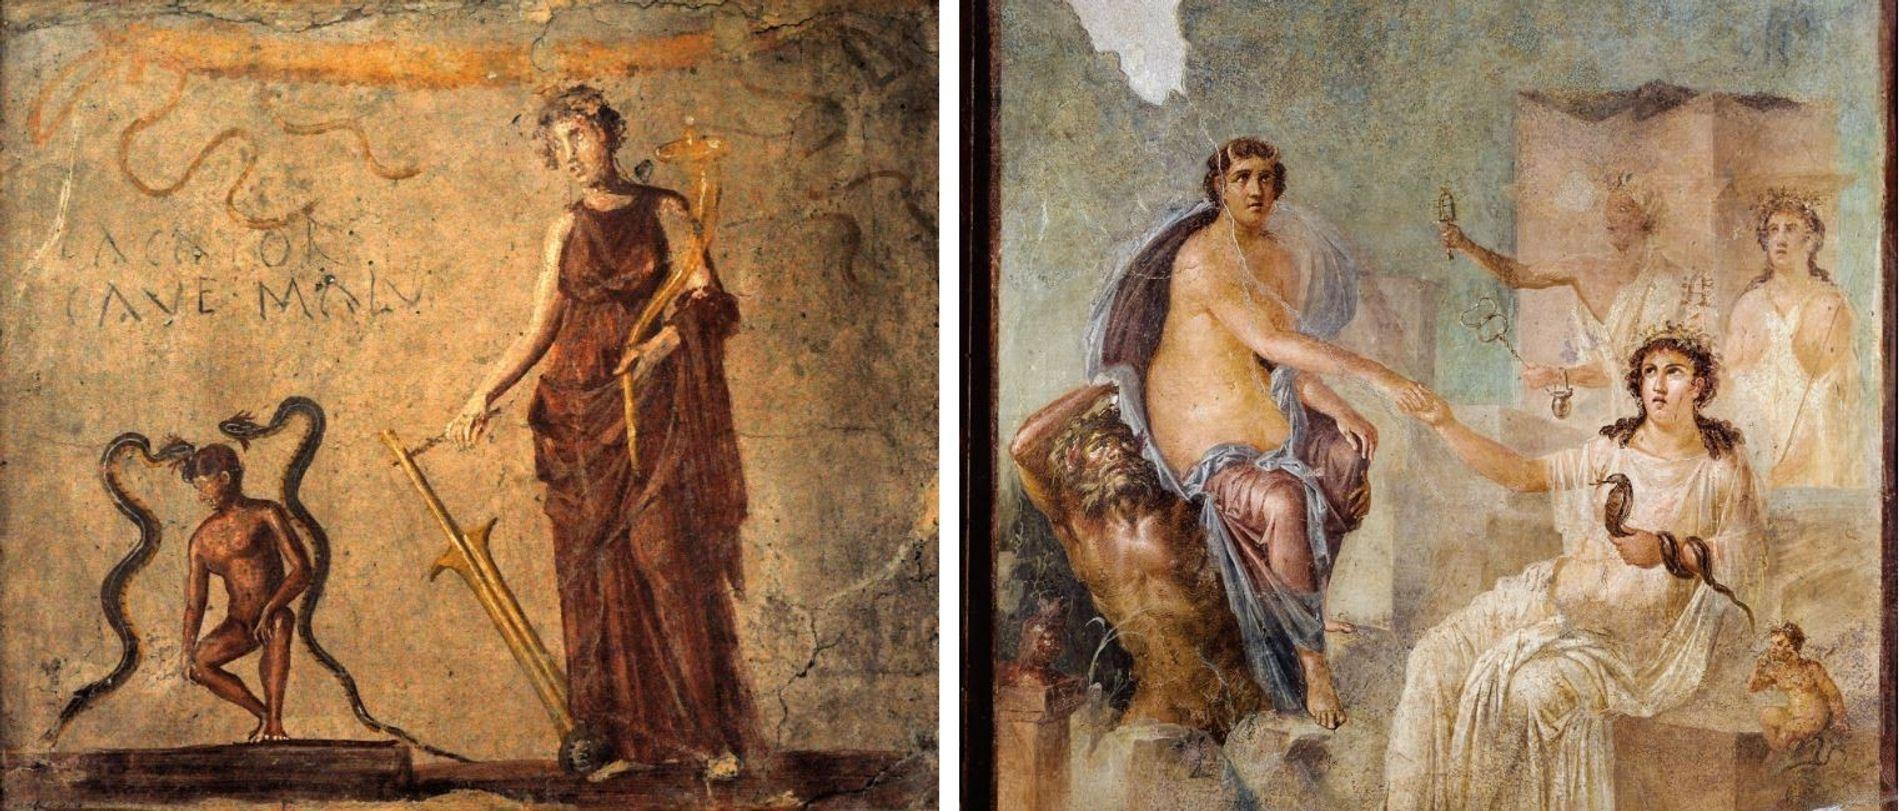 Les adaptations romaines apparaissent dans de nombreuses fresques conservées par les cendres volcaniques qui ont recouvert ...